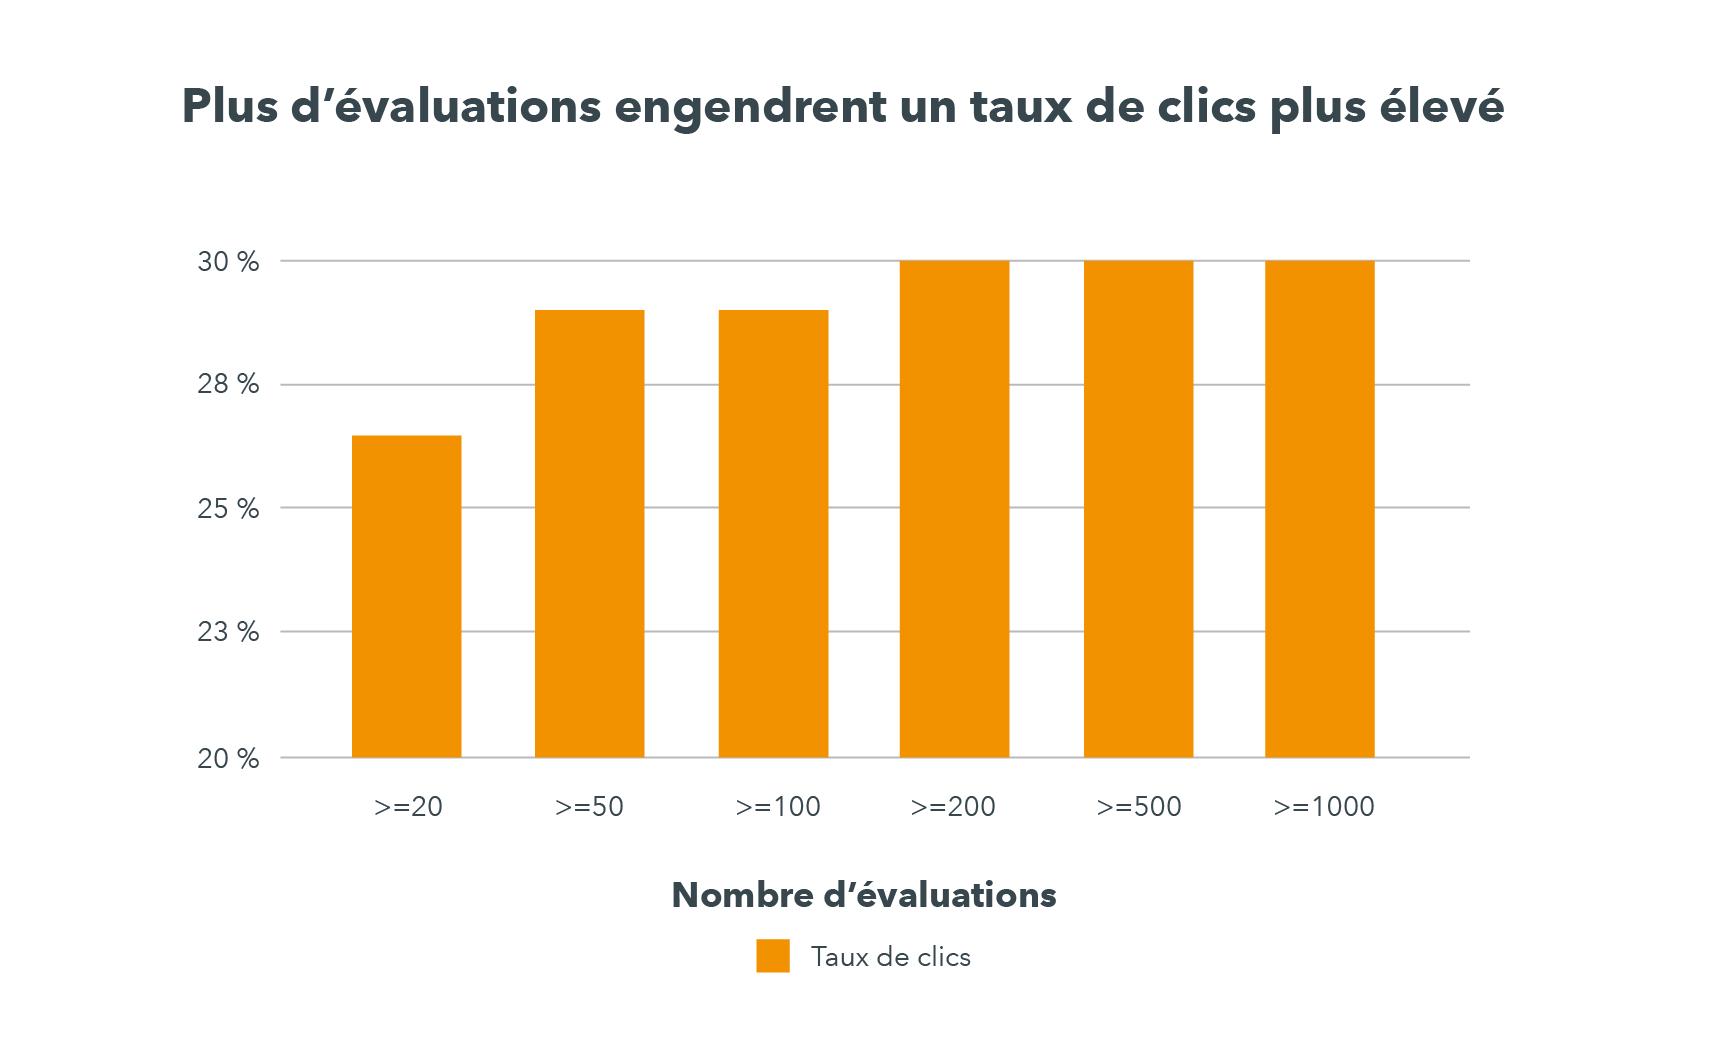 Un graphique révèle que les hôtels qui ont moins de 20 avis ont un taux de clics d'environ 26 % tandis que ceux qui en ont 100 ou plus ont un taux de clics moyen de 30 %.